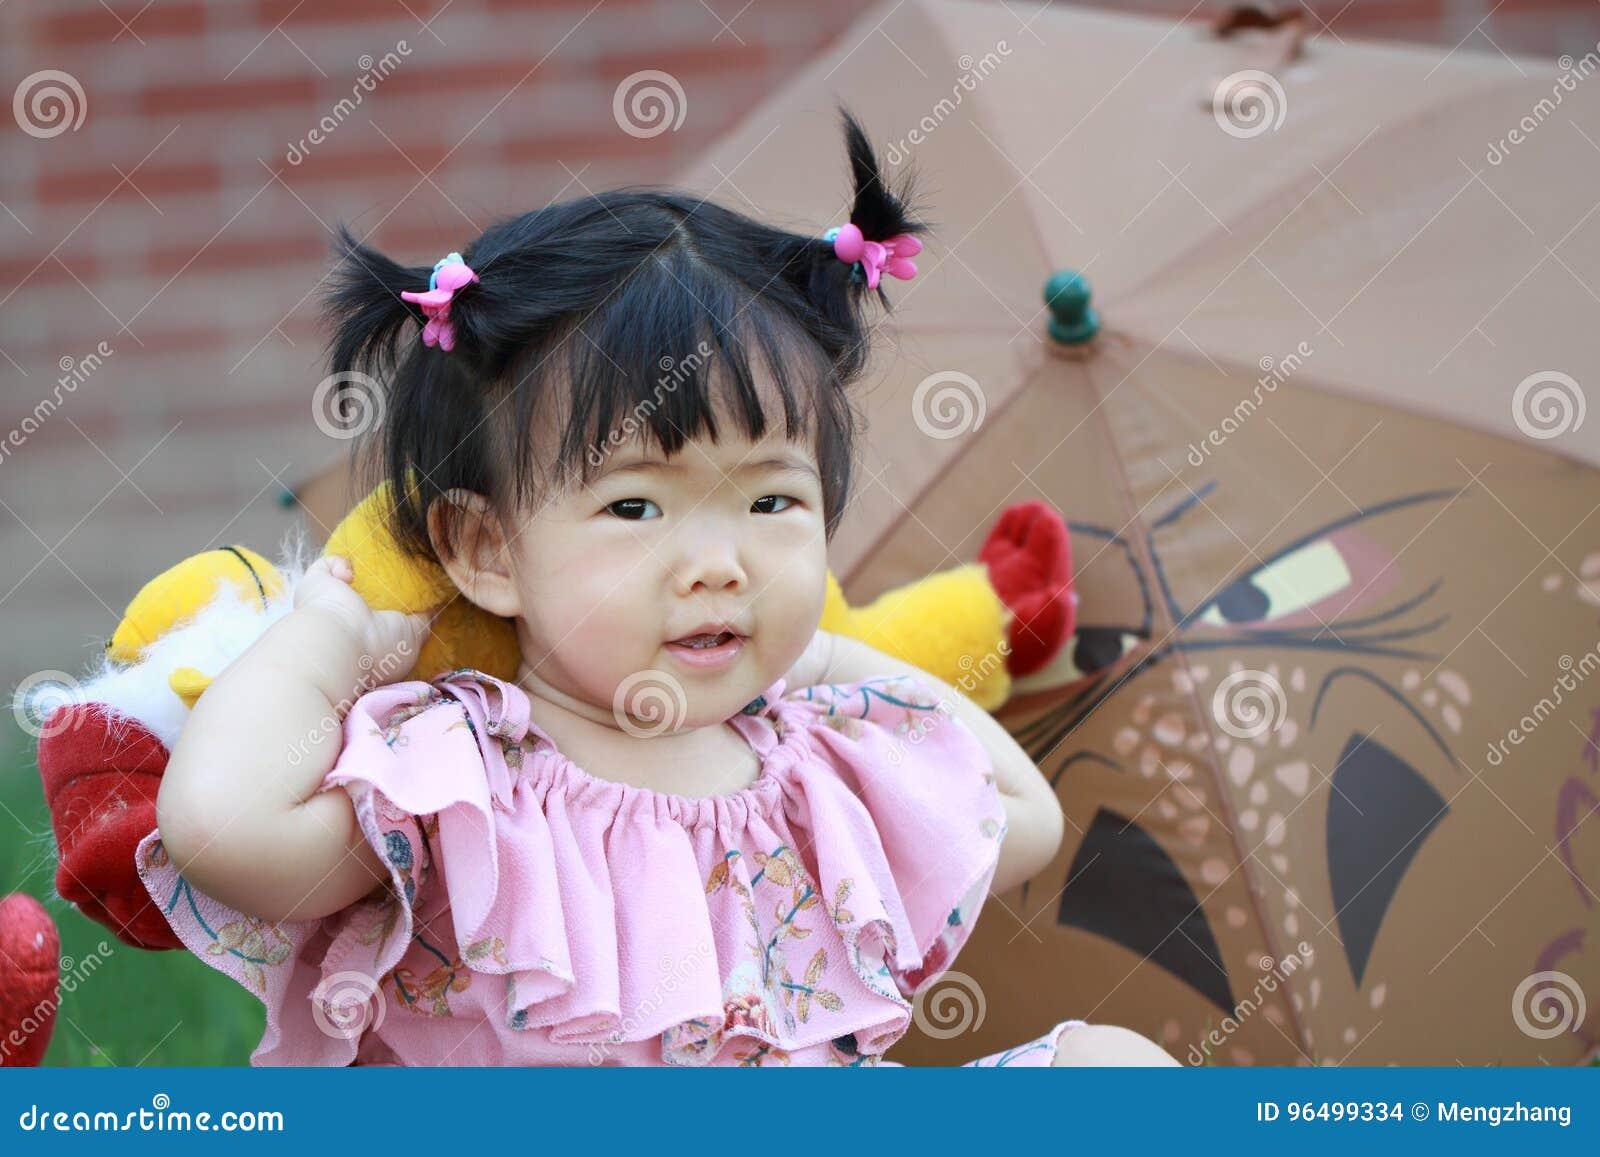 cute chinese children